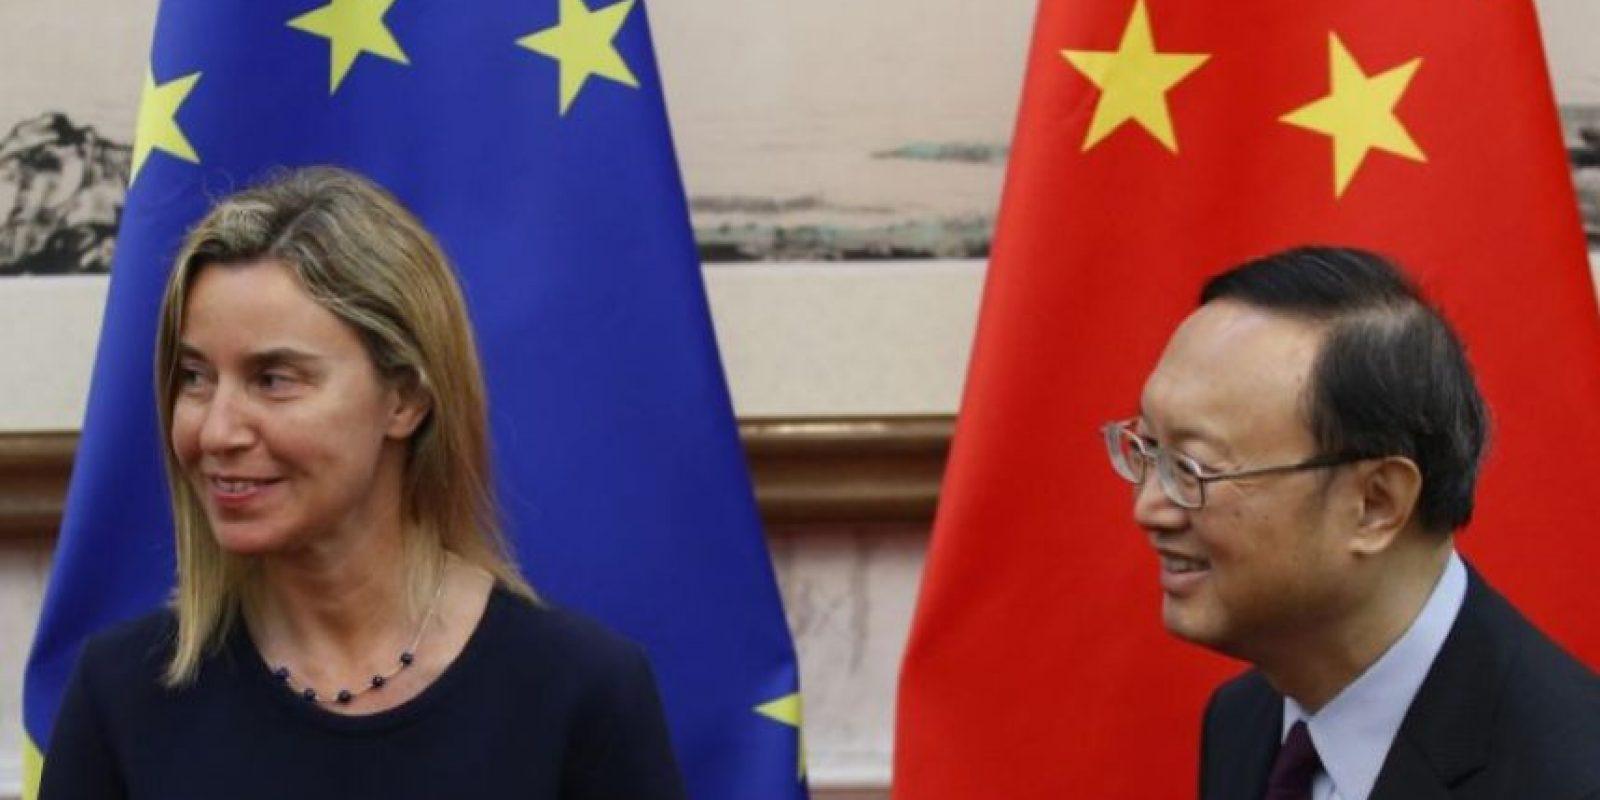 Es Alta Representante de la Unión Europea para Asuntos Exteriores y Política de Seguridad. Ocupa el puesto 36 de la lista y tiene 42 años. Foto:Getty Images